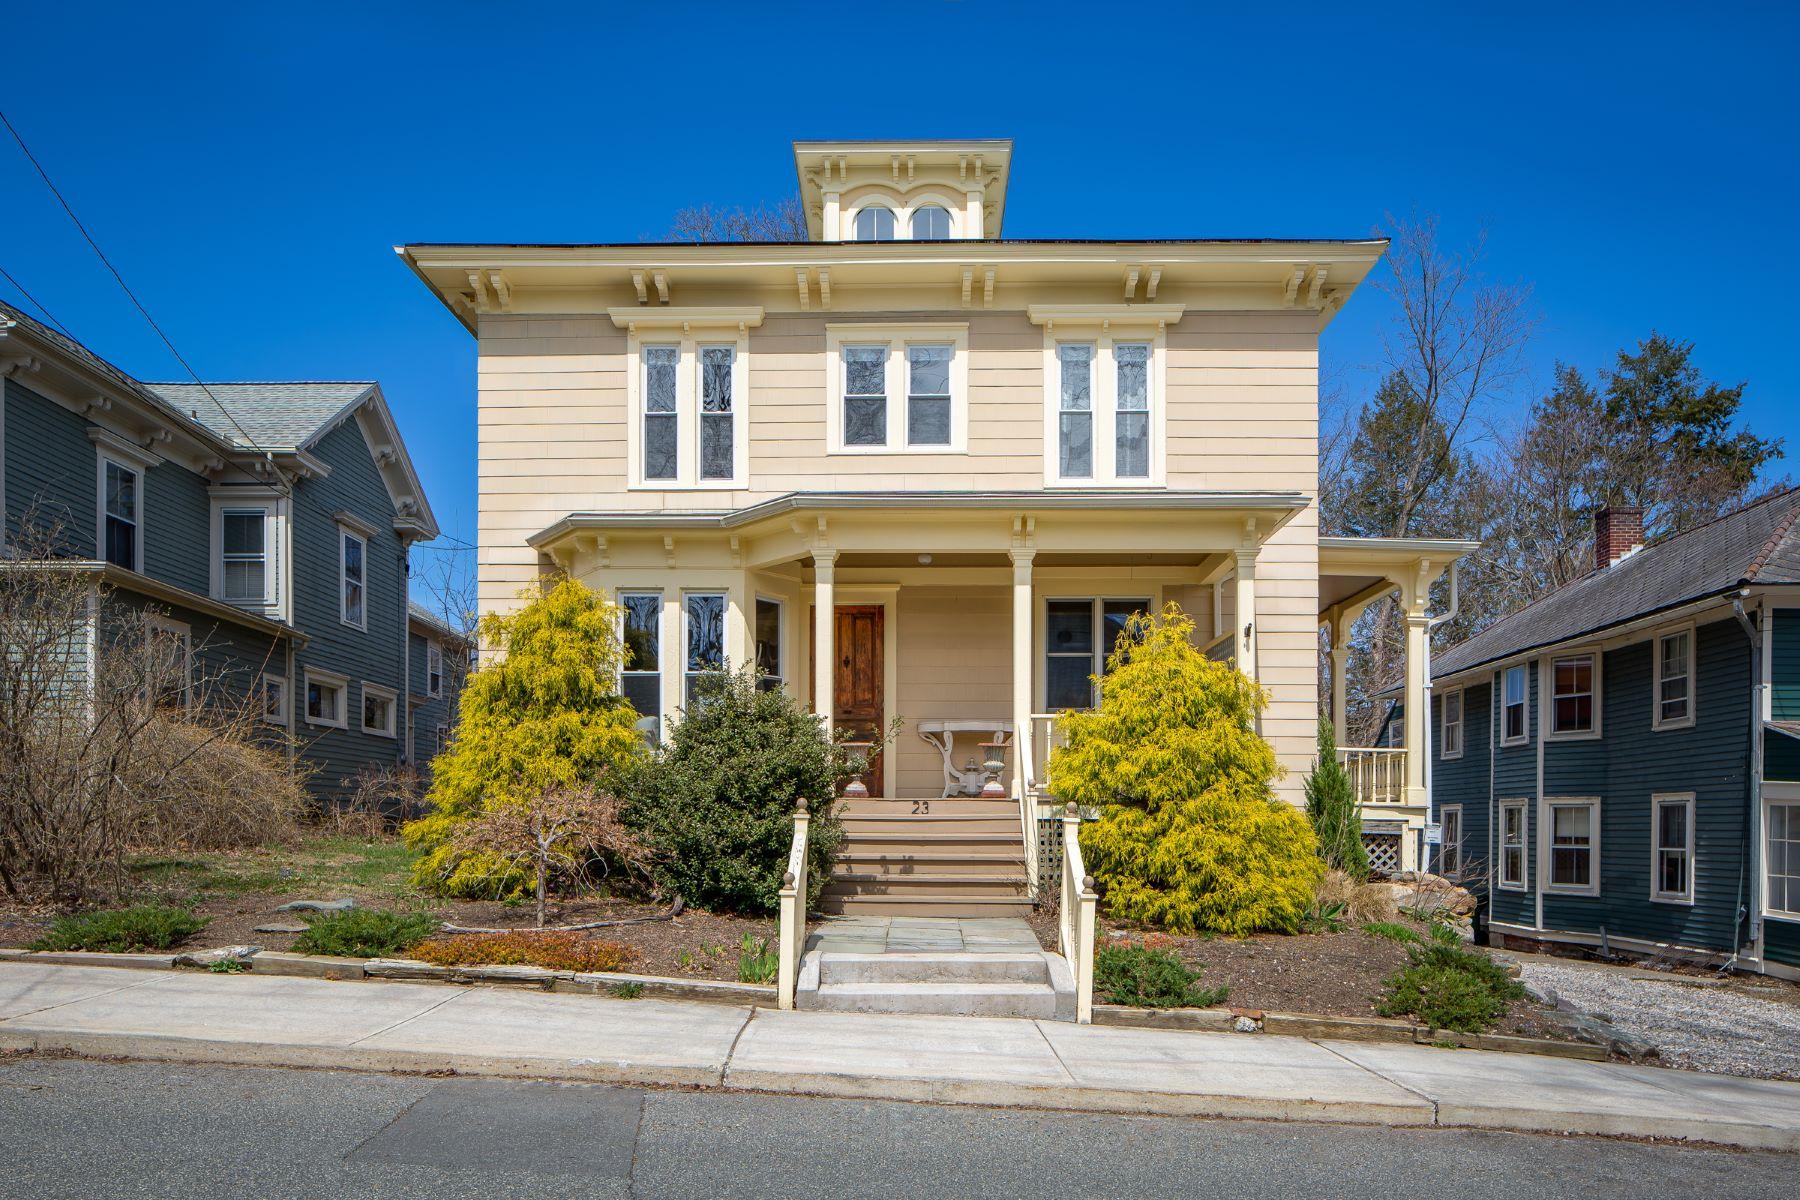 独户住宅 为 销售 在 Stylishly Renovated Victorian Steps from Main Street 23 Pleasant St 大巴灵顿, 马萨诸塞州 01230 美国